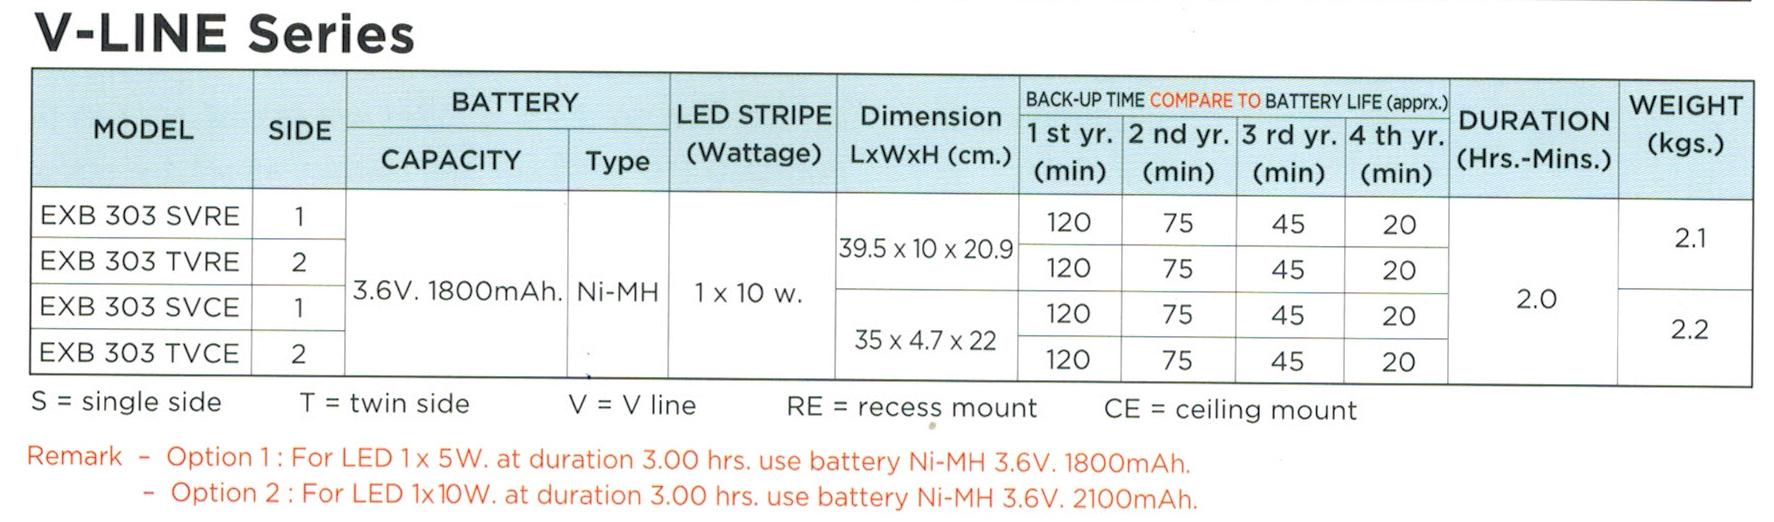 กล่องไฟทางหนีไฟ กล่องไฟทางออก สลิมไลน์ EXB303SVRE, EXB303TVRE, EXB303SVCE, EXB303TVCE V-LINE LED Series (Exit Sign Lighting Max Bright C.E.E.)